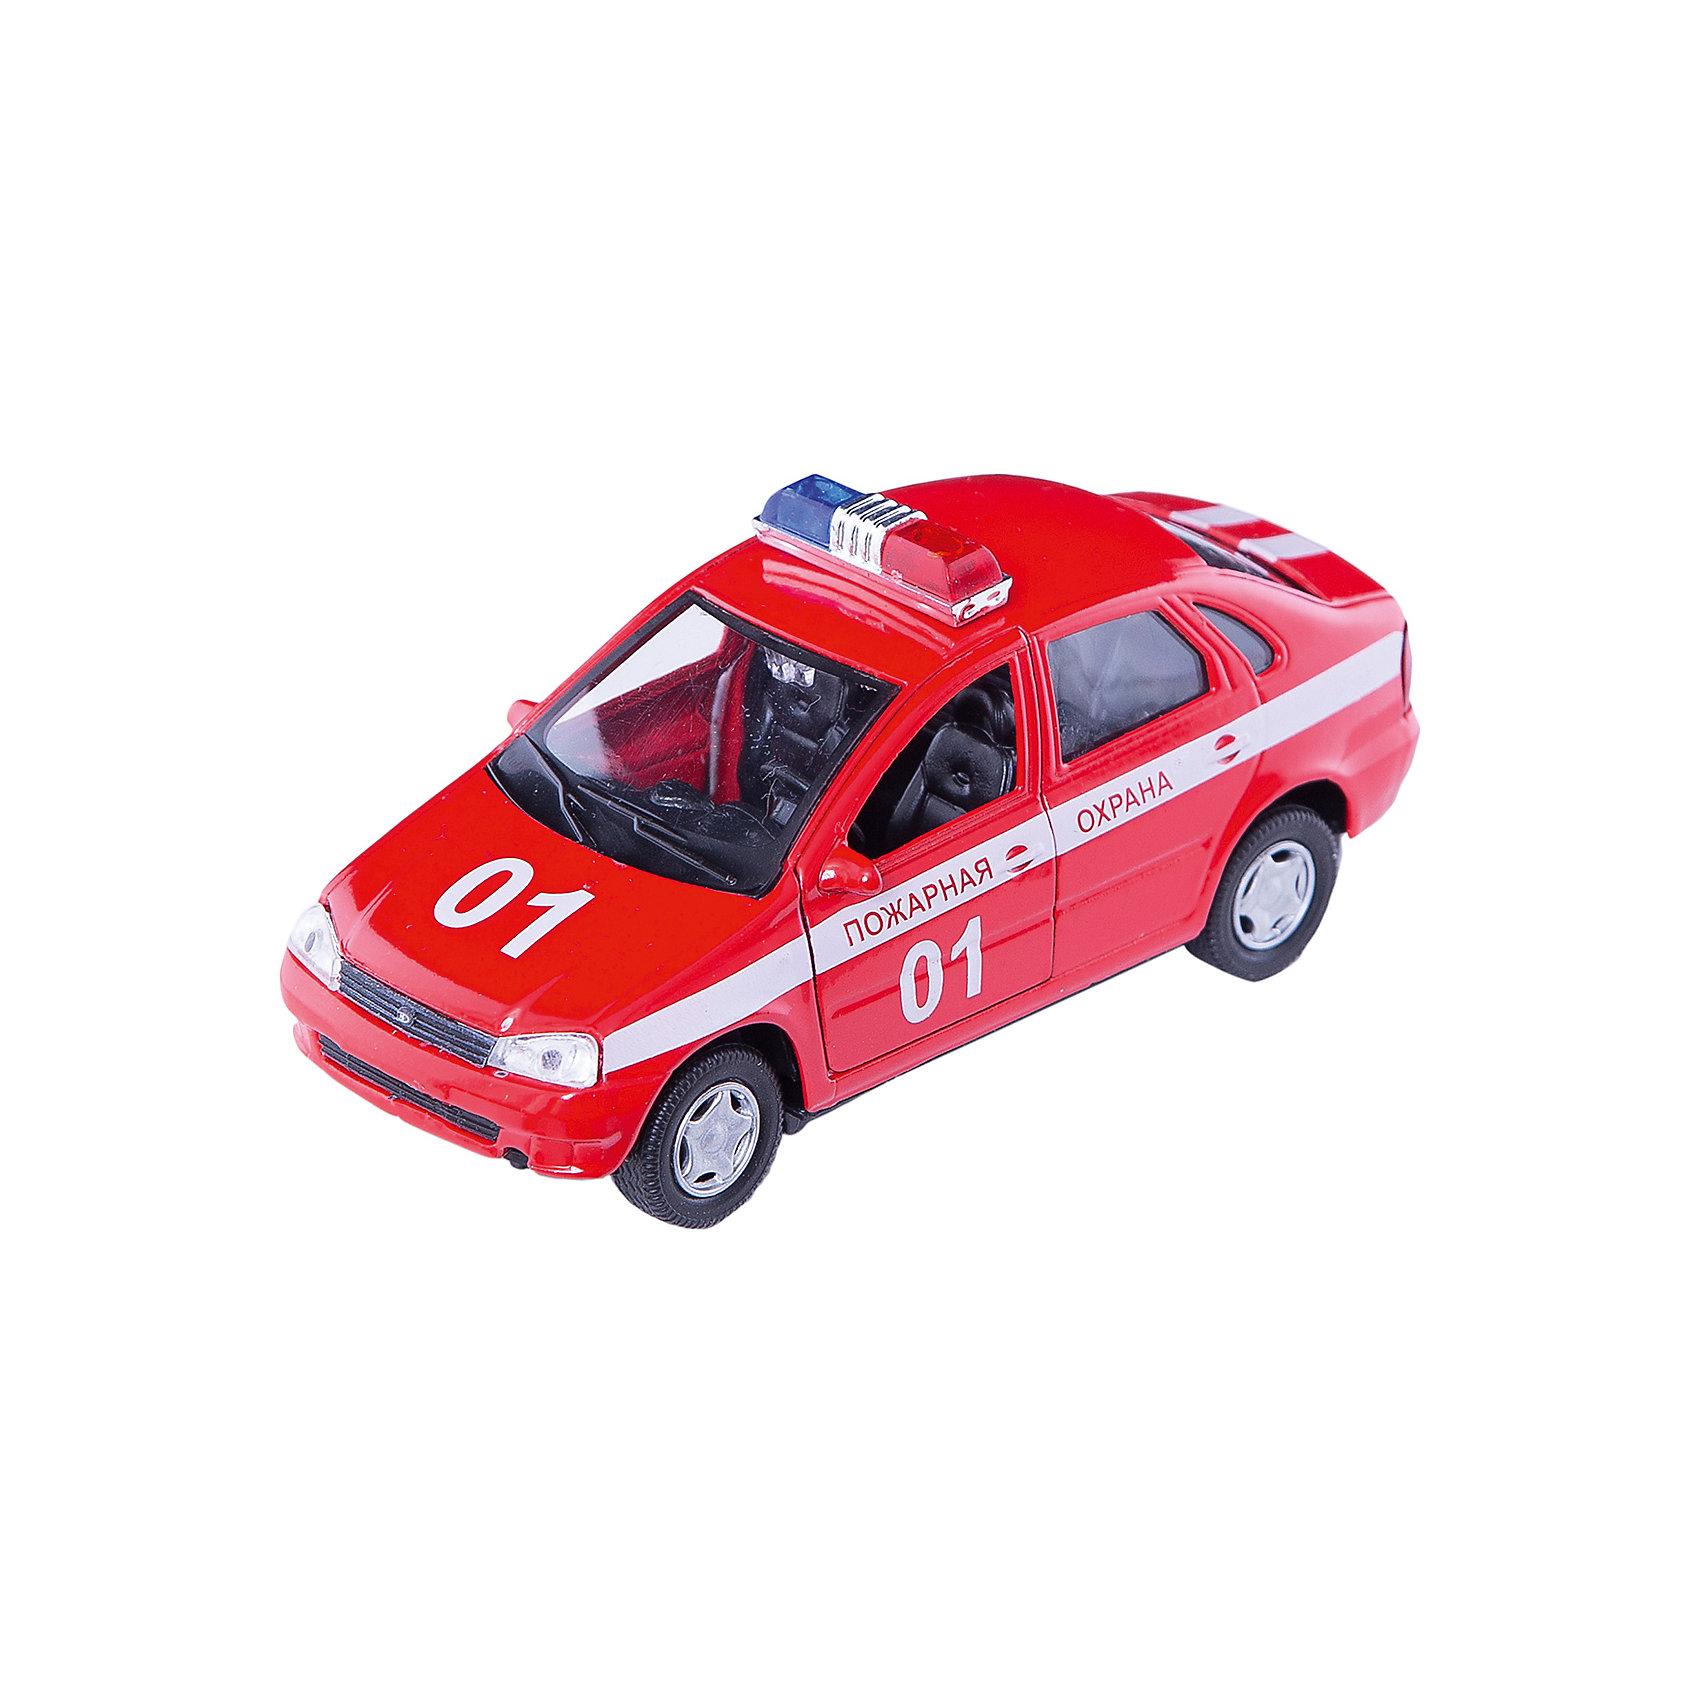 Машинка Lada Kalina пожарная охрана 1:34, AutotimeМашинки<br>Характеристики товара:<br><br>• цвет: красный<br>• материал: металл, пластик<br>• размер: 16,5х7,х5,7 см<br>• вес: 100 г<br>• масштаб: 1:34<br>• прочный материал<br>• хорошая детализация<br>• открываются двери<br>• страна бренда: Россия<br>• страна производства: Китай<br><br>Коллекционная машинка LADA Kalina пожарная охрана от бренда AUTOTIME станет отличным подарком для мальчика. Подробная детализация машинки порадует увлеченного коллекционера, а открывающиеся двери и свободно вращающиеся колеса придутся по душе юному владельцу игрушечного гаража. Эта игрушка подарит восторг и радость вашему ребенку. <br><br>Игрушка также воздействует на наглядно-образное мышление, логическое мышление, развивает мелкую моторику. Изделие выполнено из сертифицированных материалов, безопасных для детей.<br><br>Машинку «Lada Kalina» пожарная охрана от бренда AUTOTIME можно купить в нашем интернет-магазине.<br><br>Ширина мм: 165<br>Глубина мм: 57<br>Высота мм: 75<br>Вес г: 13<br>Возраст от месяцев: 36<br>Возраст до месяцев: 2147483647<br>Пол: Мужской<br>Возраст: Детский<br>SKU: 5583910